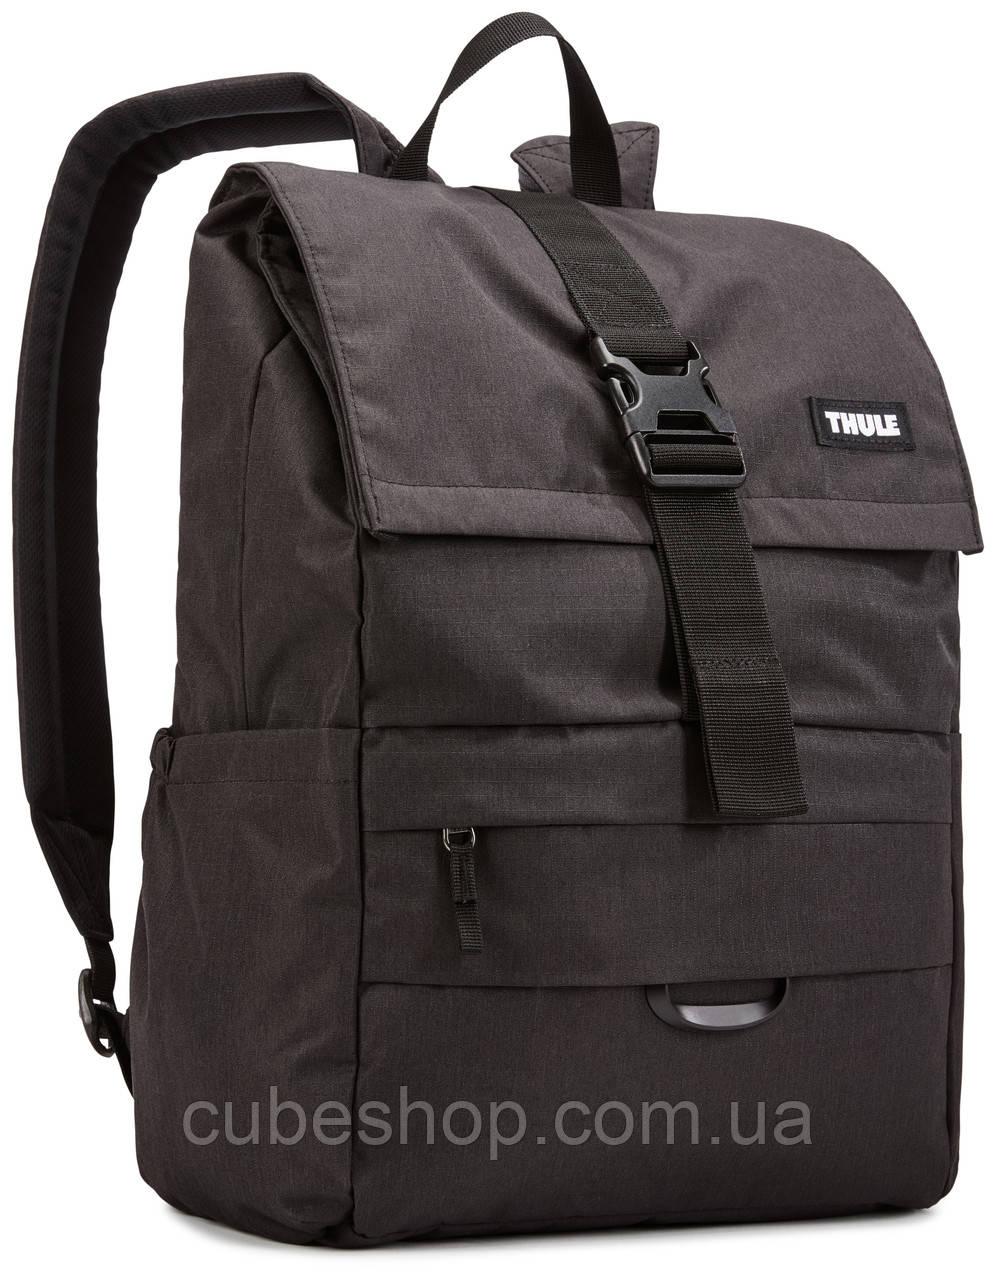 Рюкзак с отделением для ноутбука Thule Outset Backpack 22 л Black (черный)